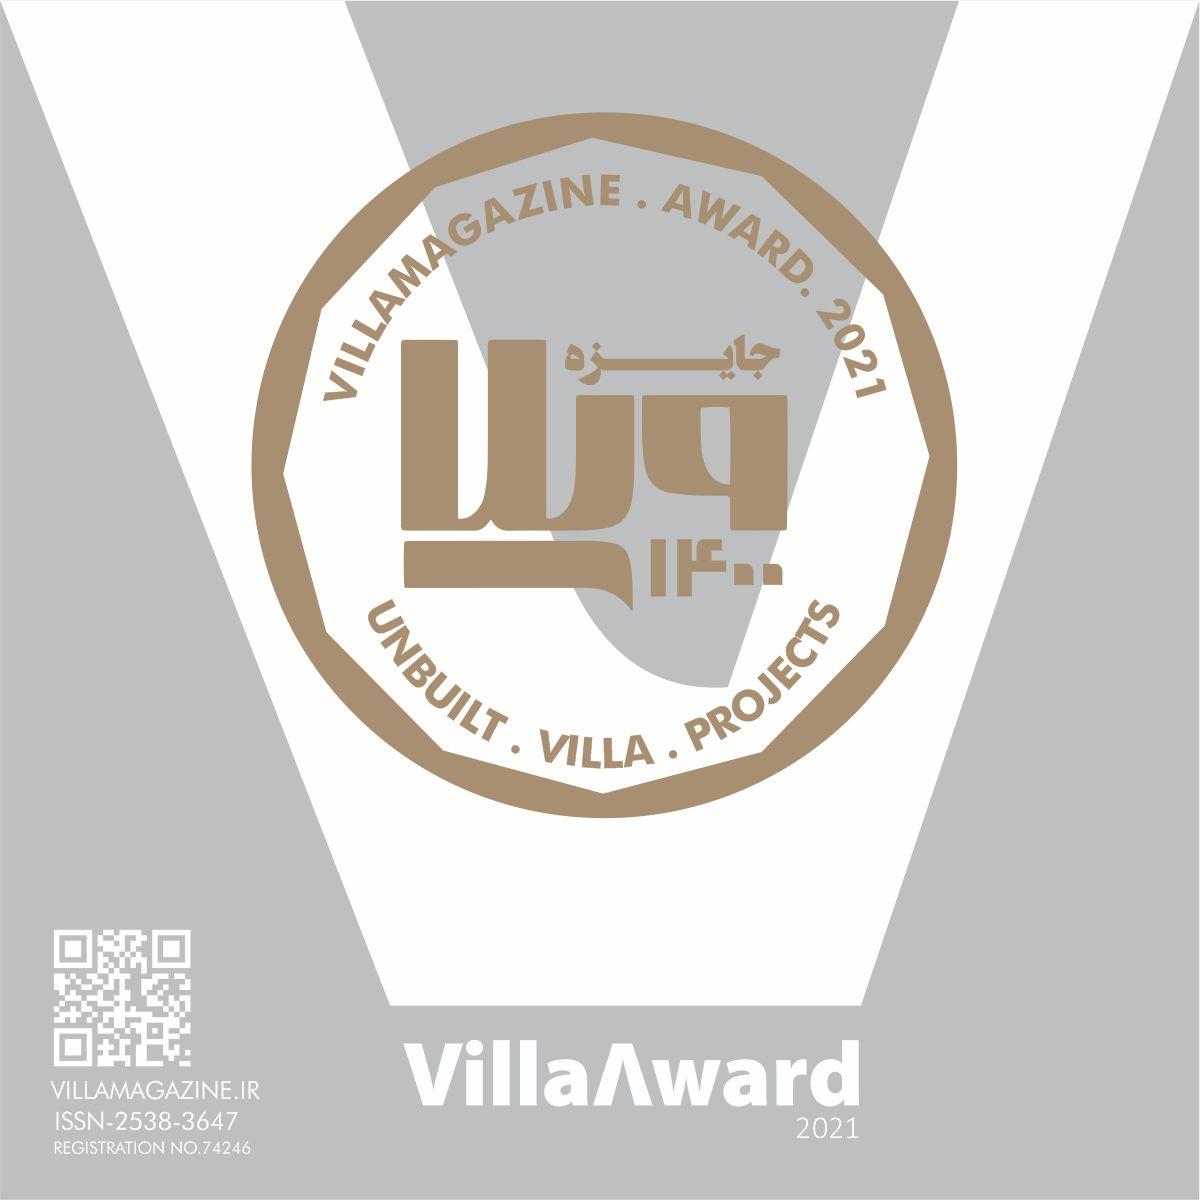 فراخوان نخستین دورهی جایزه ویلا